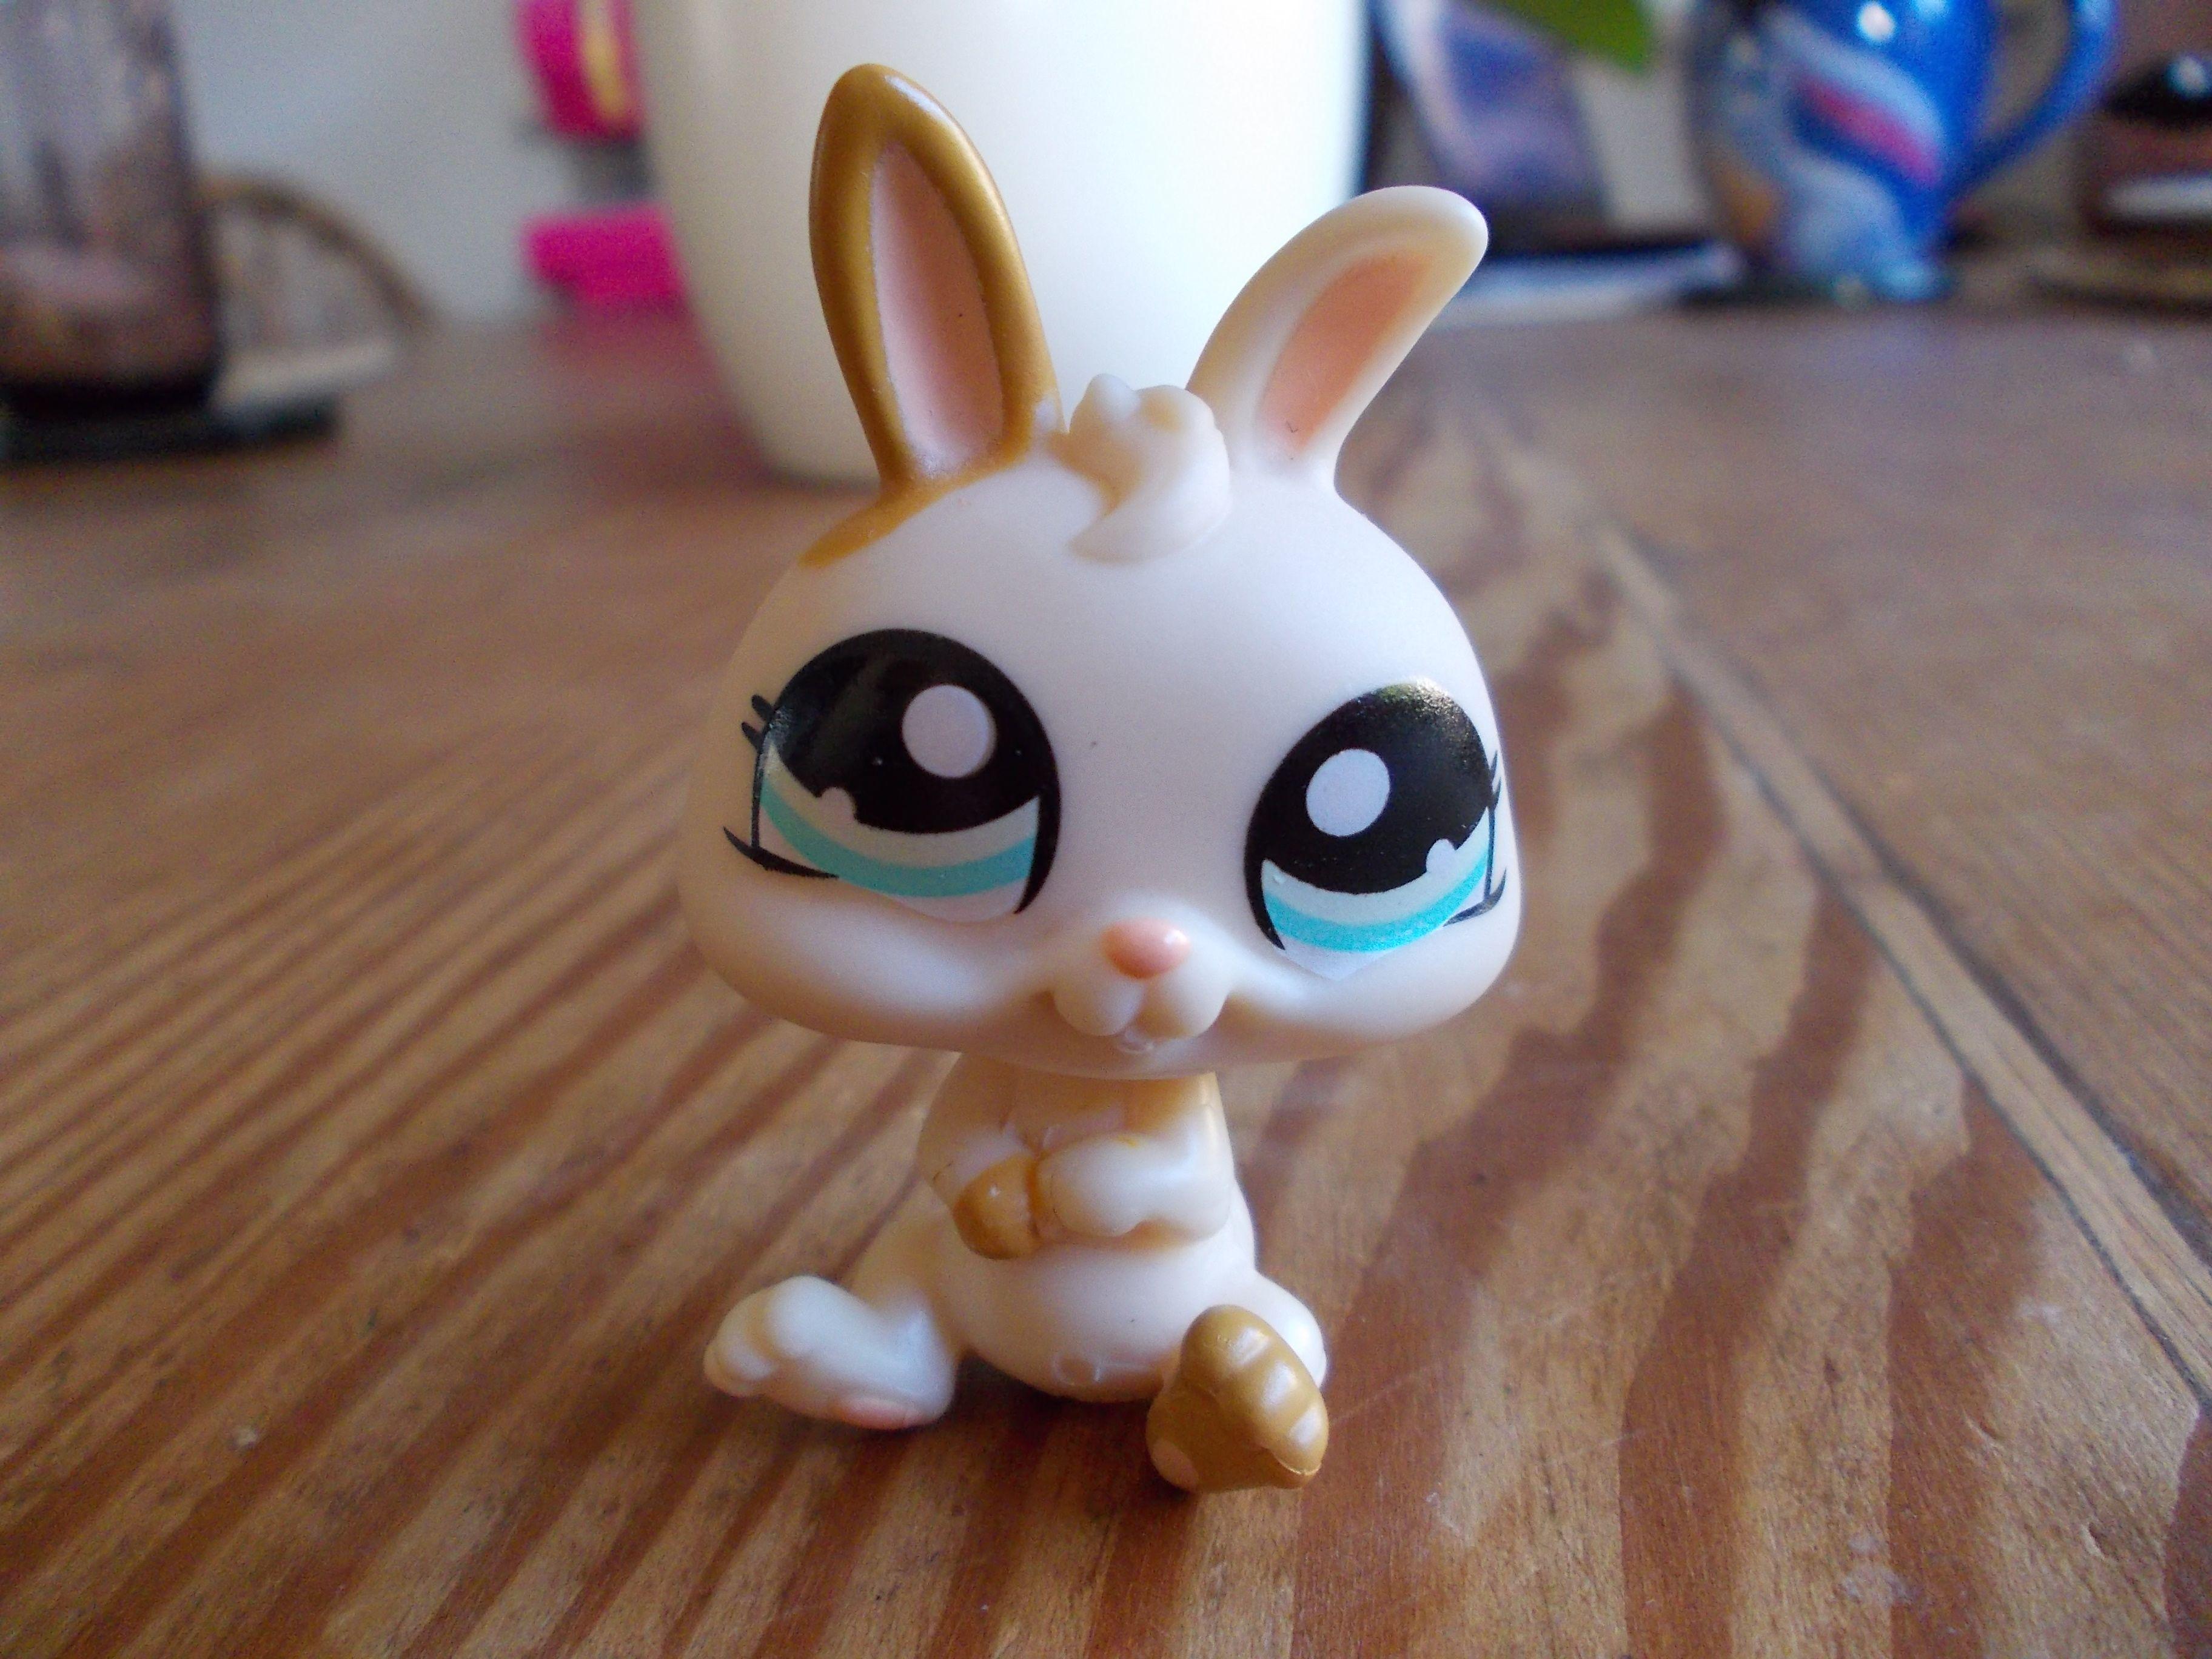 This is my Littlest Pet Shop bunny. Little pet shop